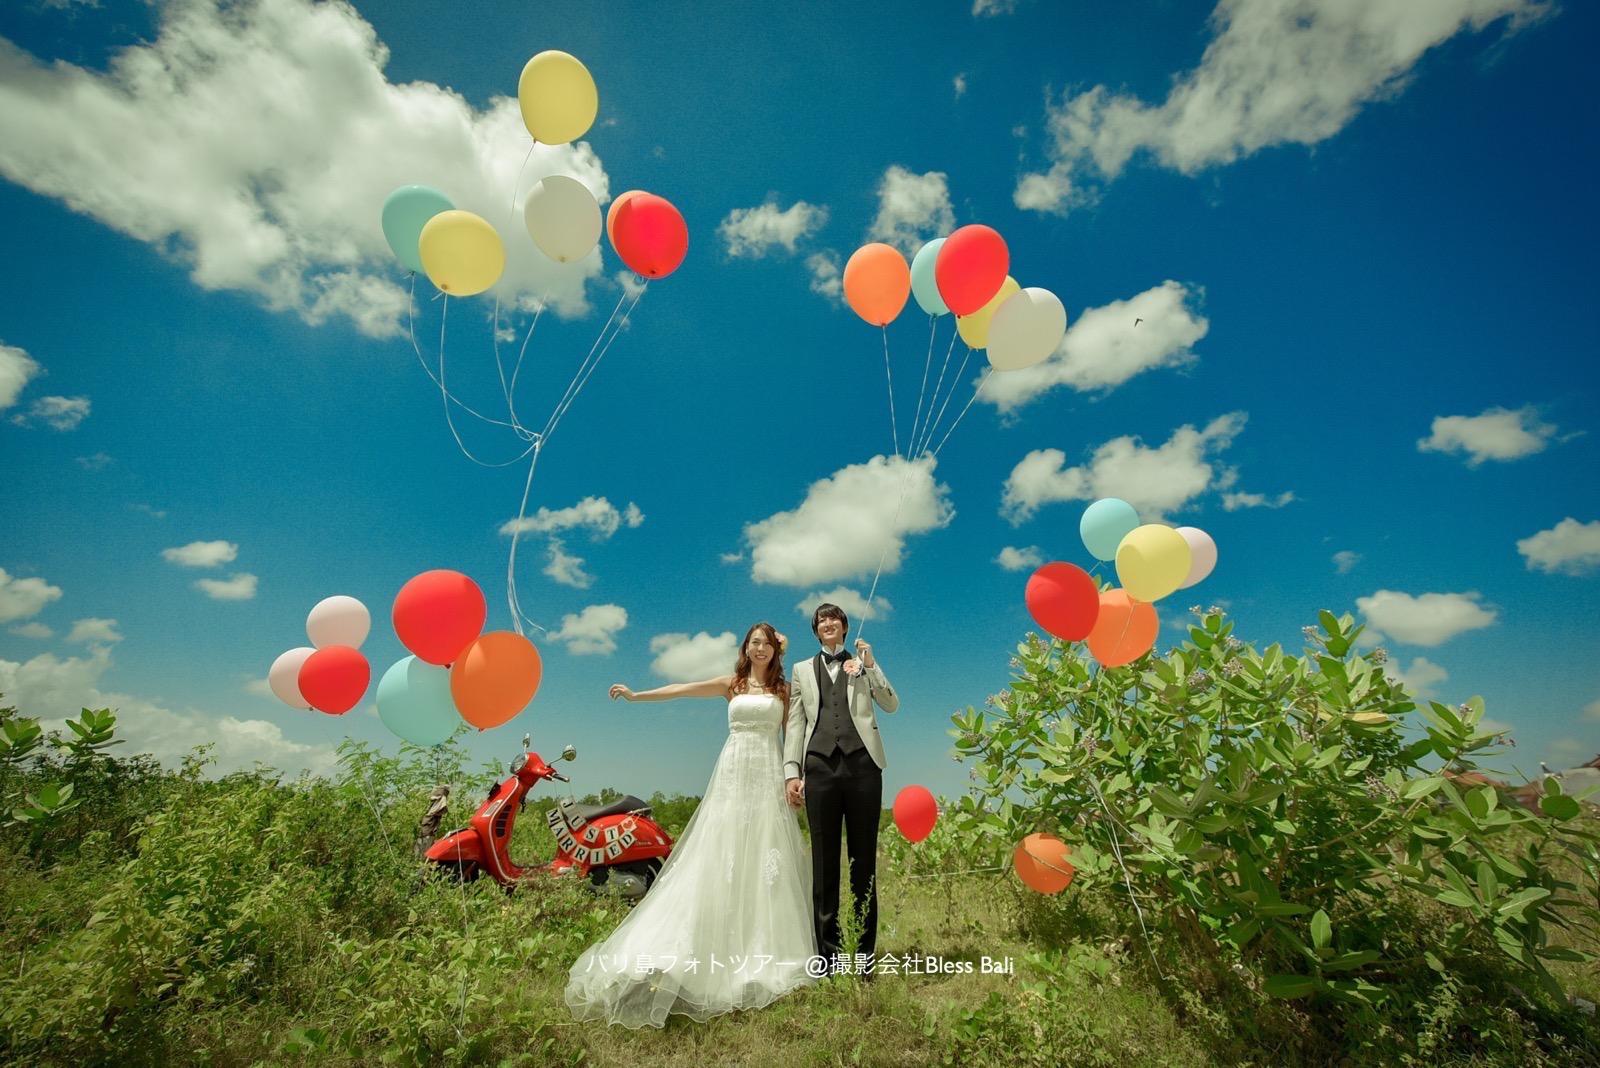 バリ島 花嫁と花婿とバルーン!